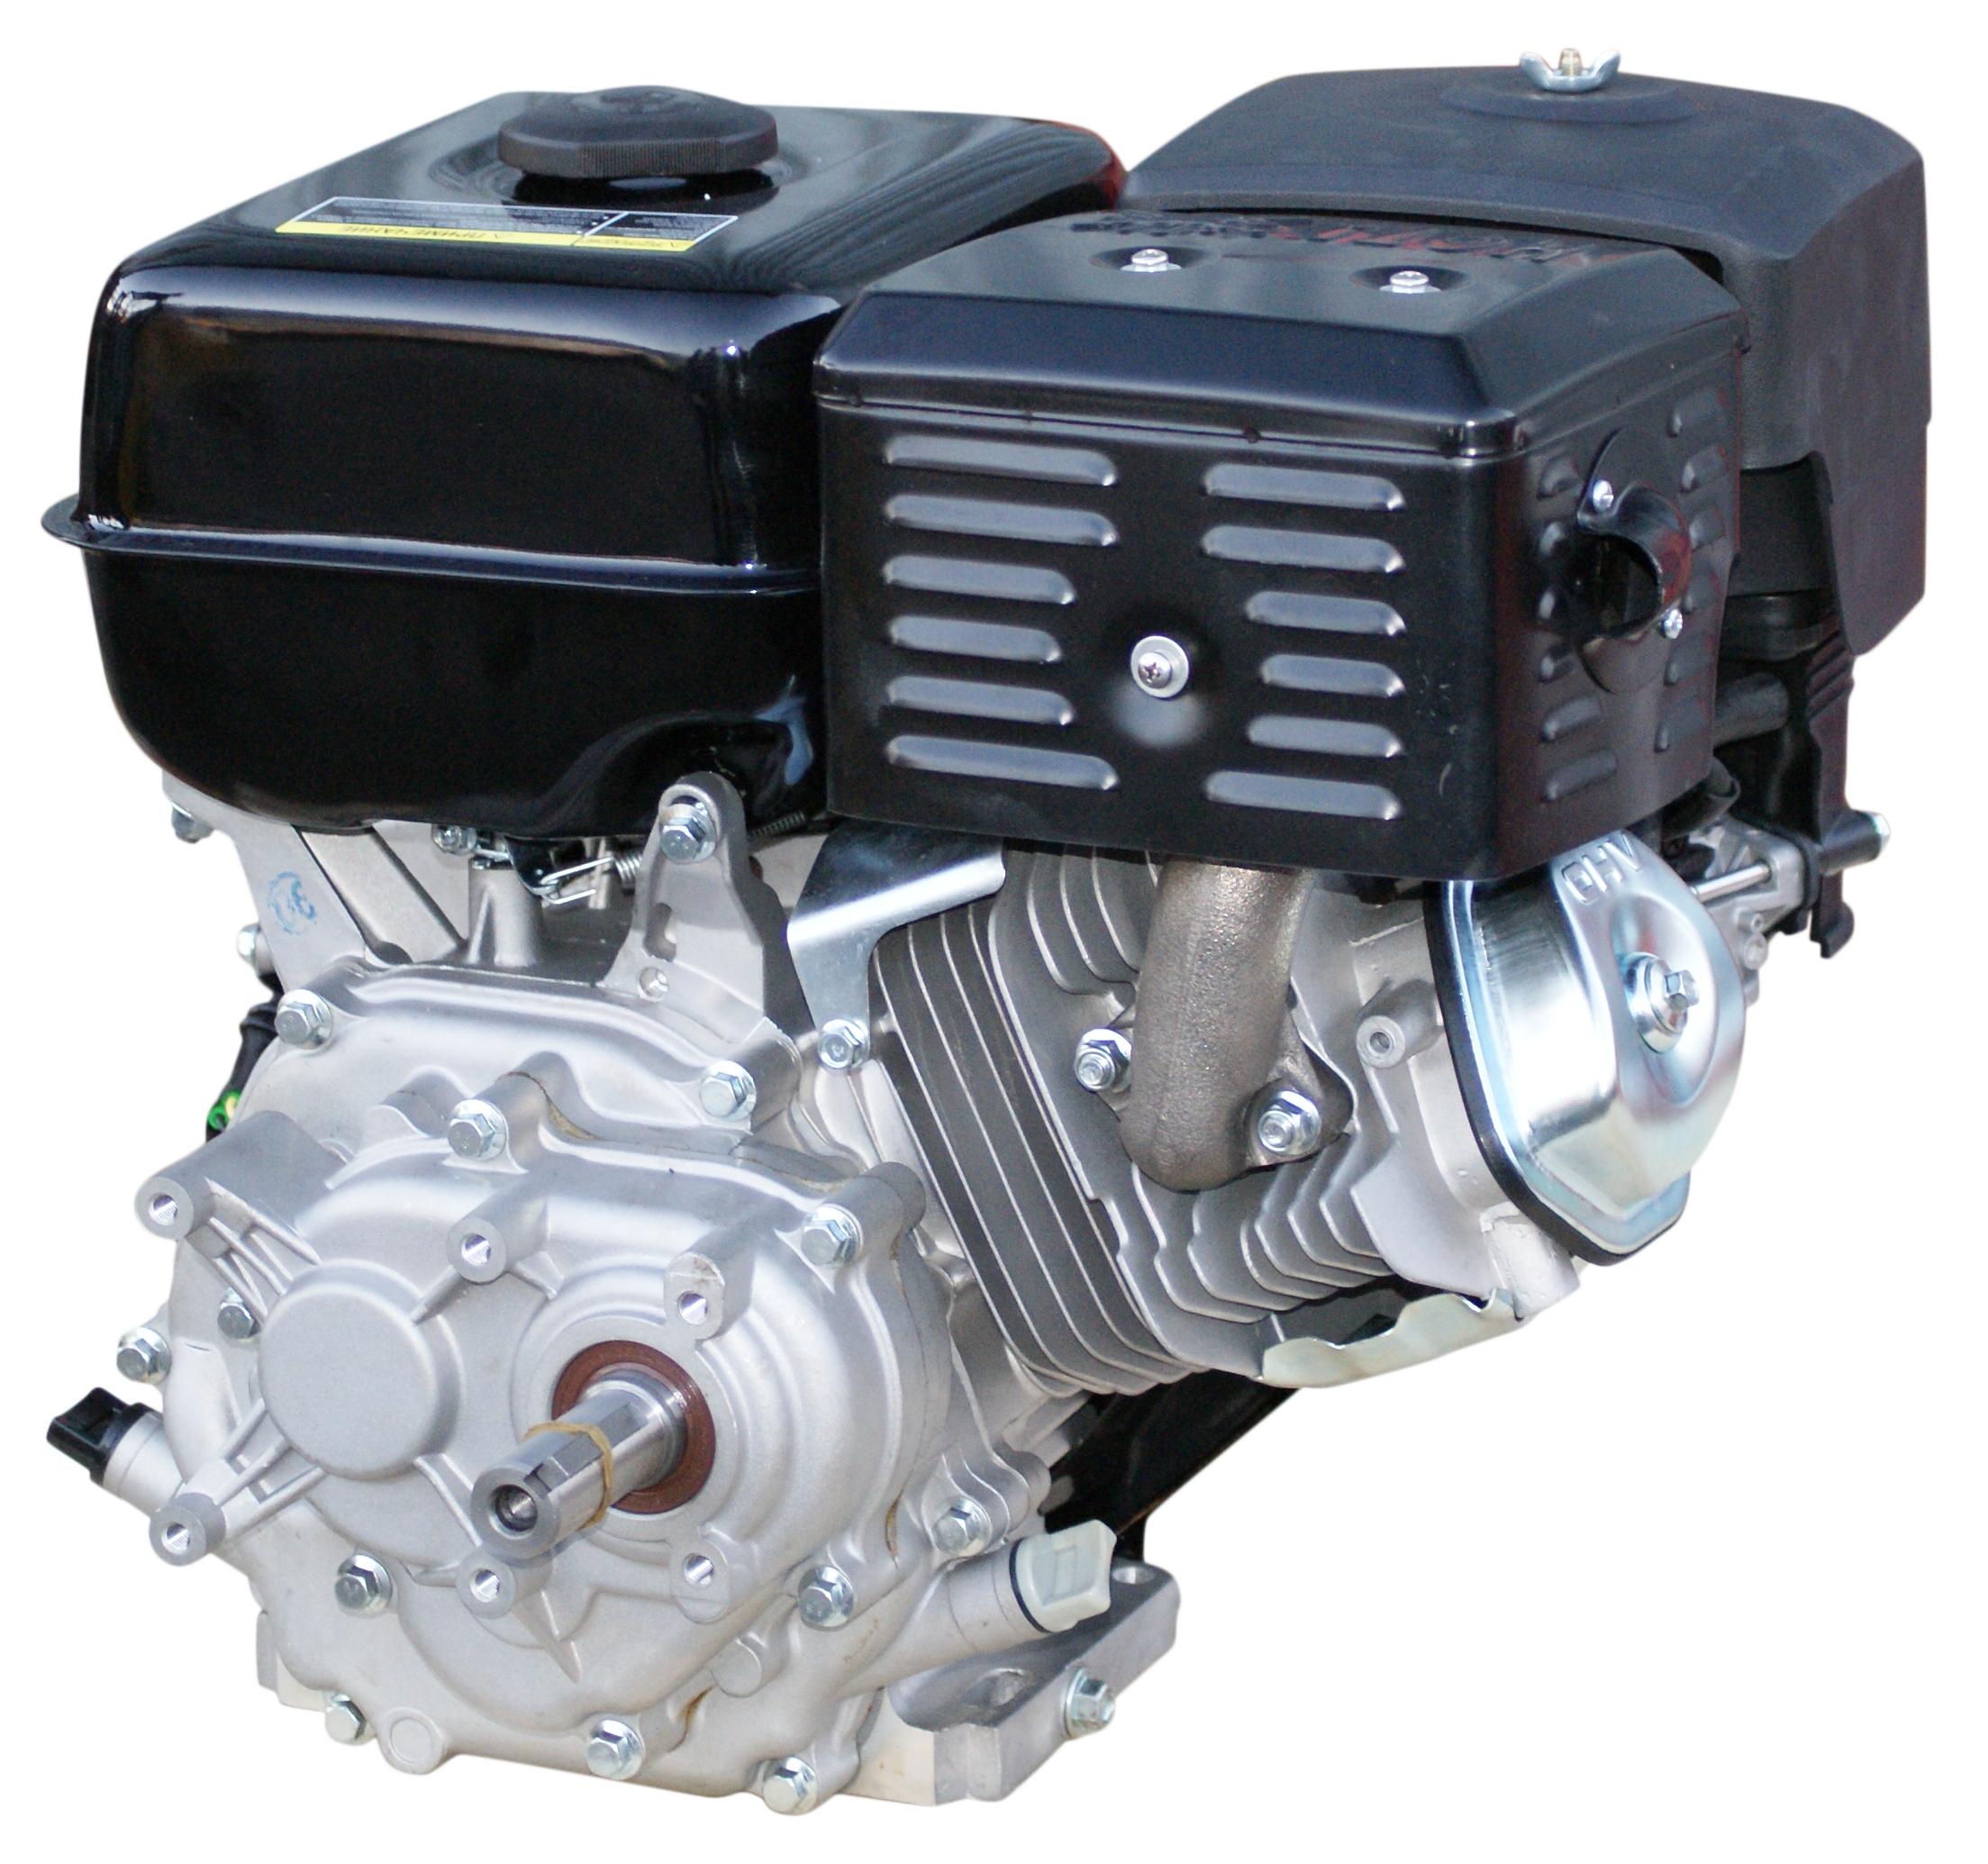 Двигатель Lifan 173f-l двигатель lifan 168f 2l